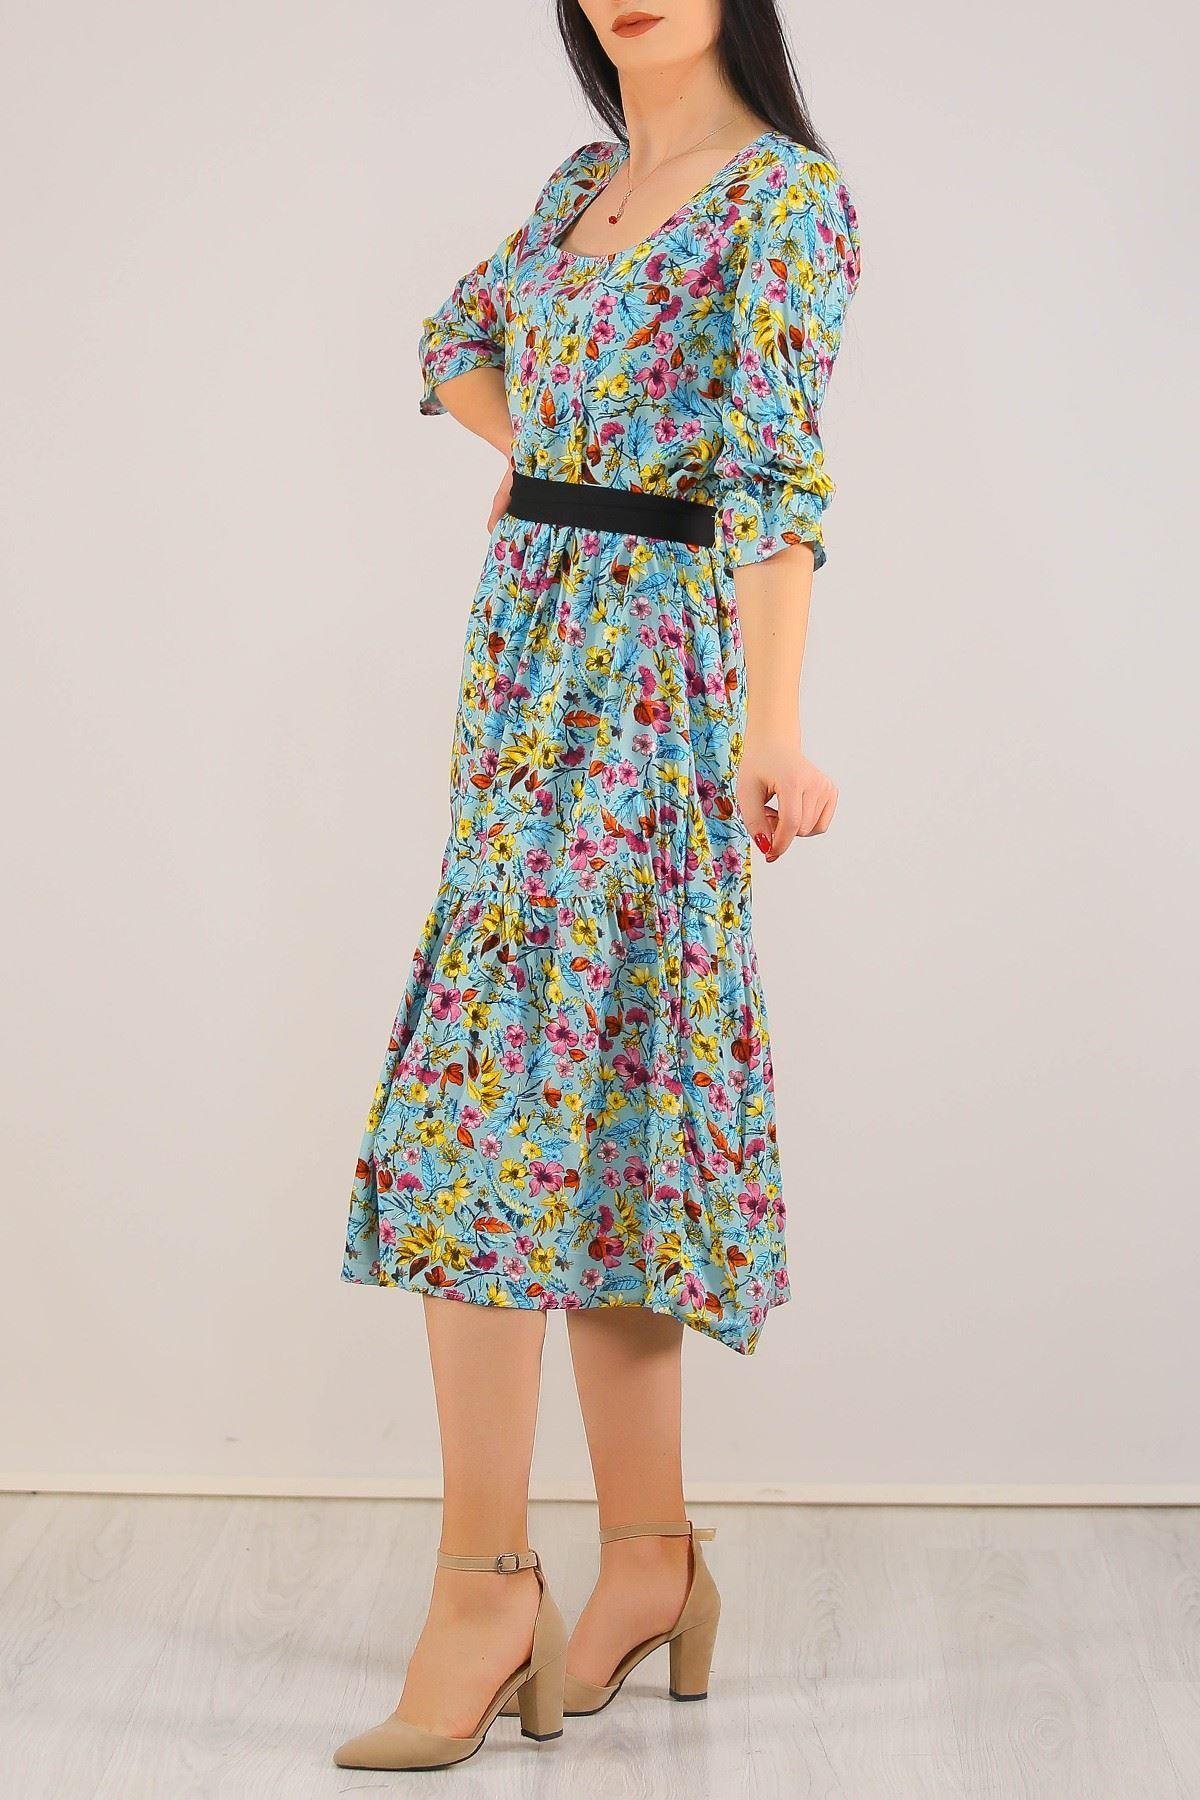 Çerceve Yaka Viskon Elbise Suyeşili - 5197.701.